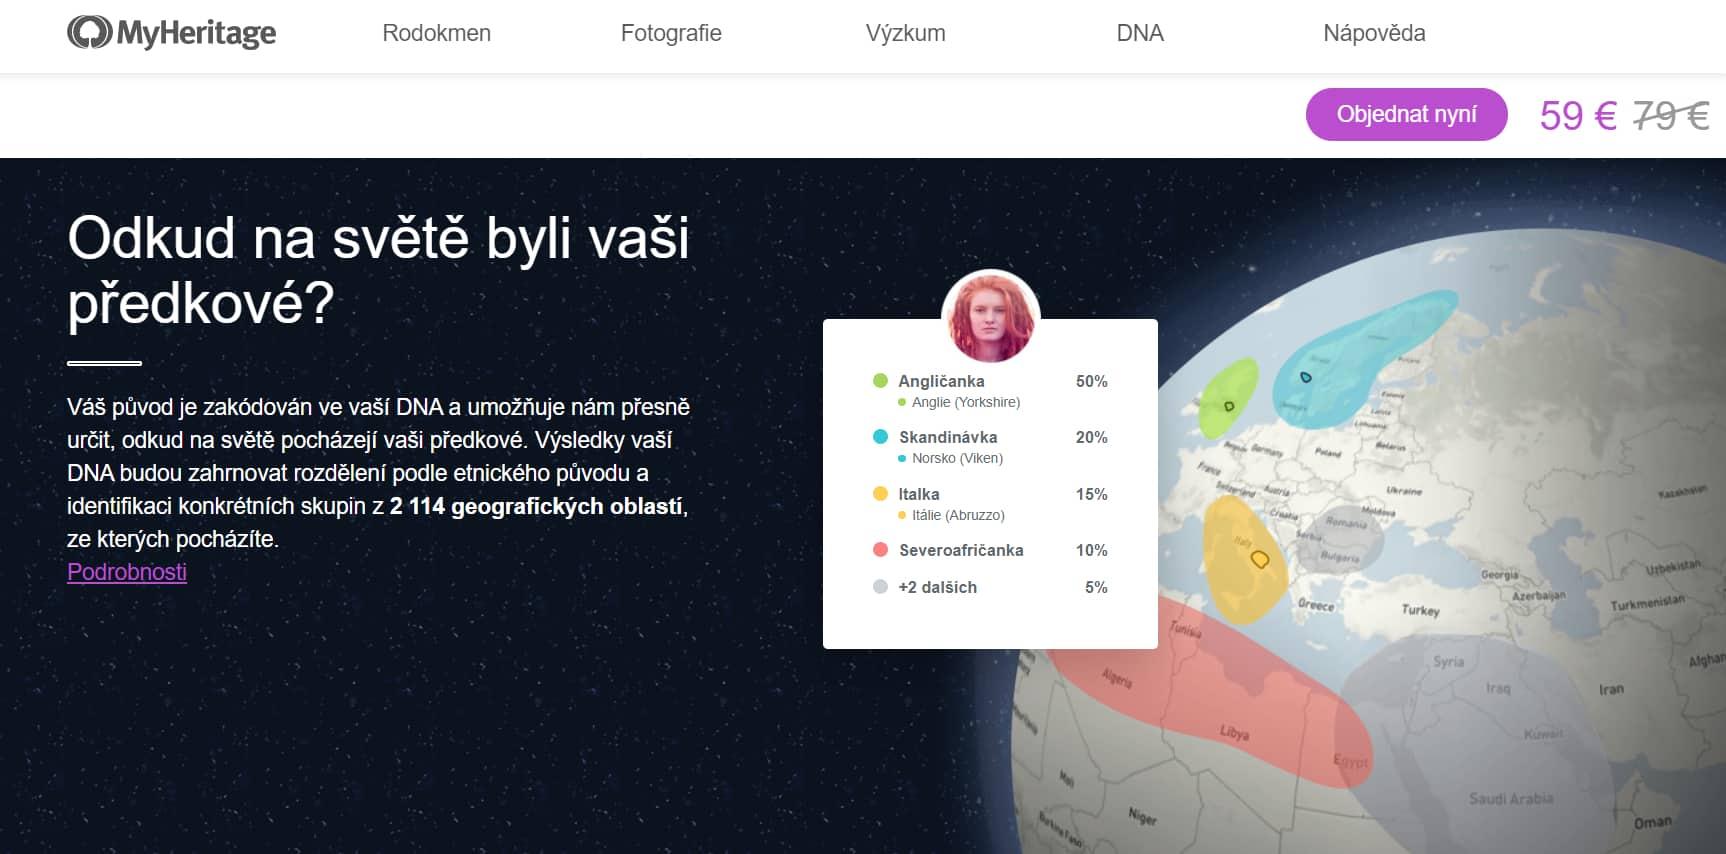 MyHeritage recenze a hodnocení